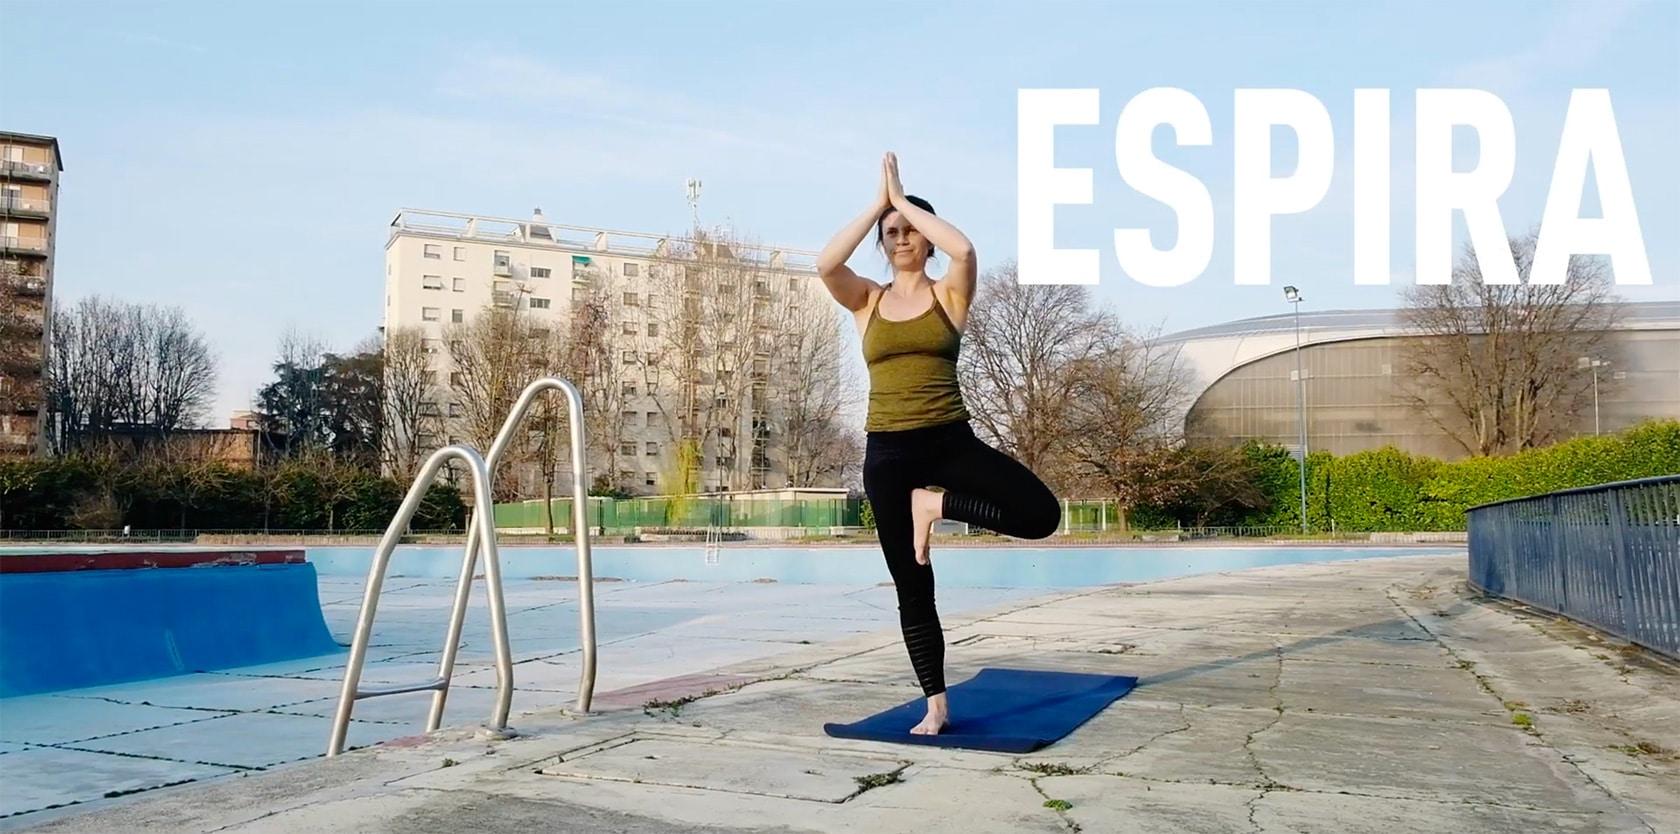 Yoga in Falc